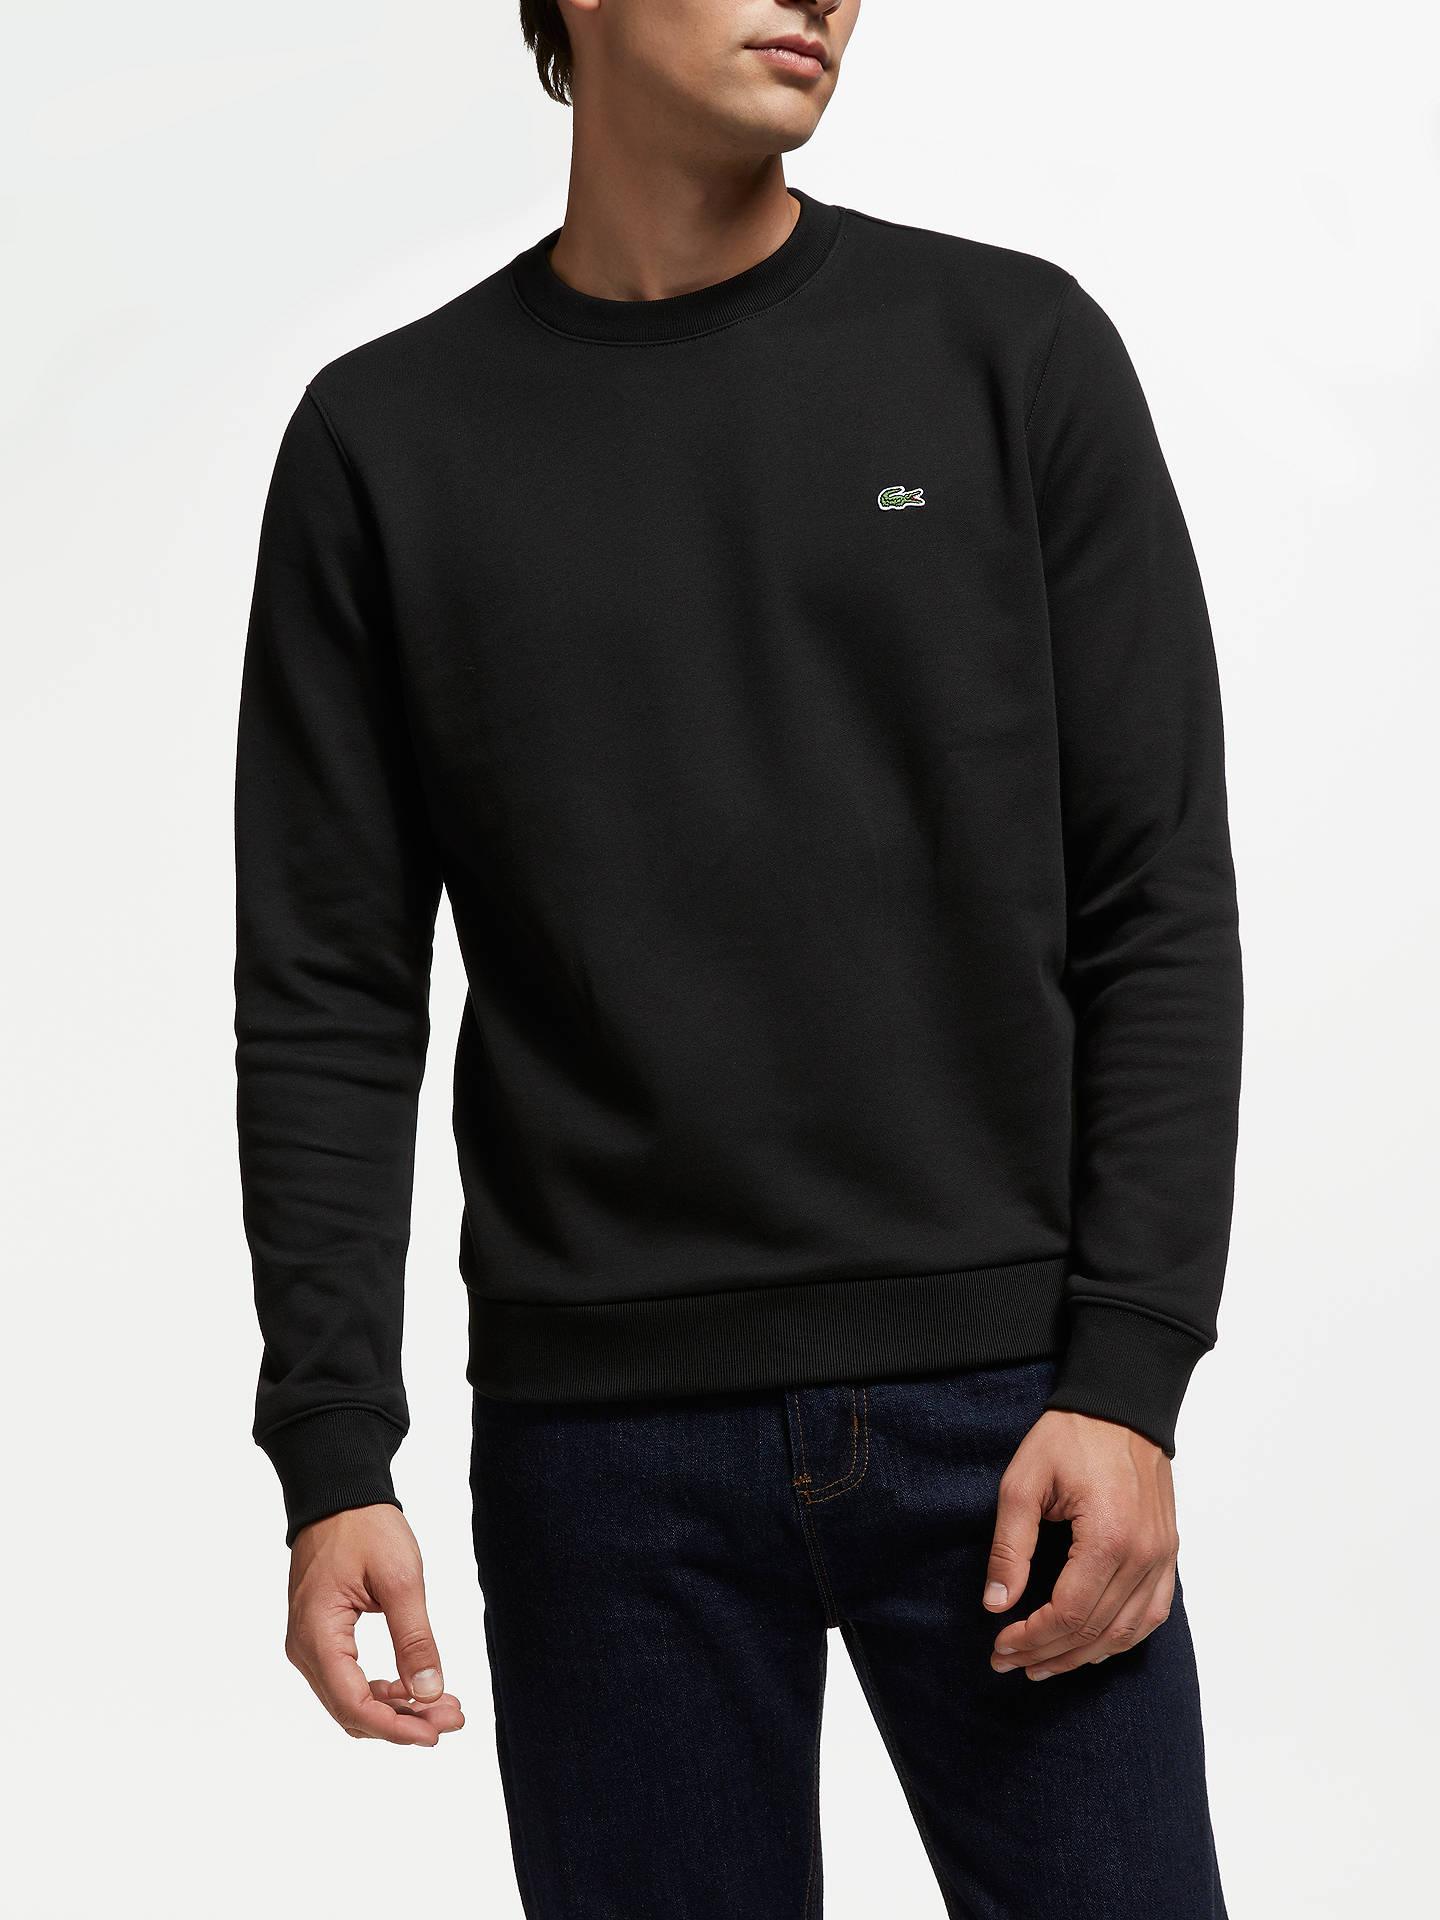 2bb4c0eb5 Buy Lacoste Crew Neck Sweatshirt